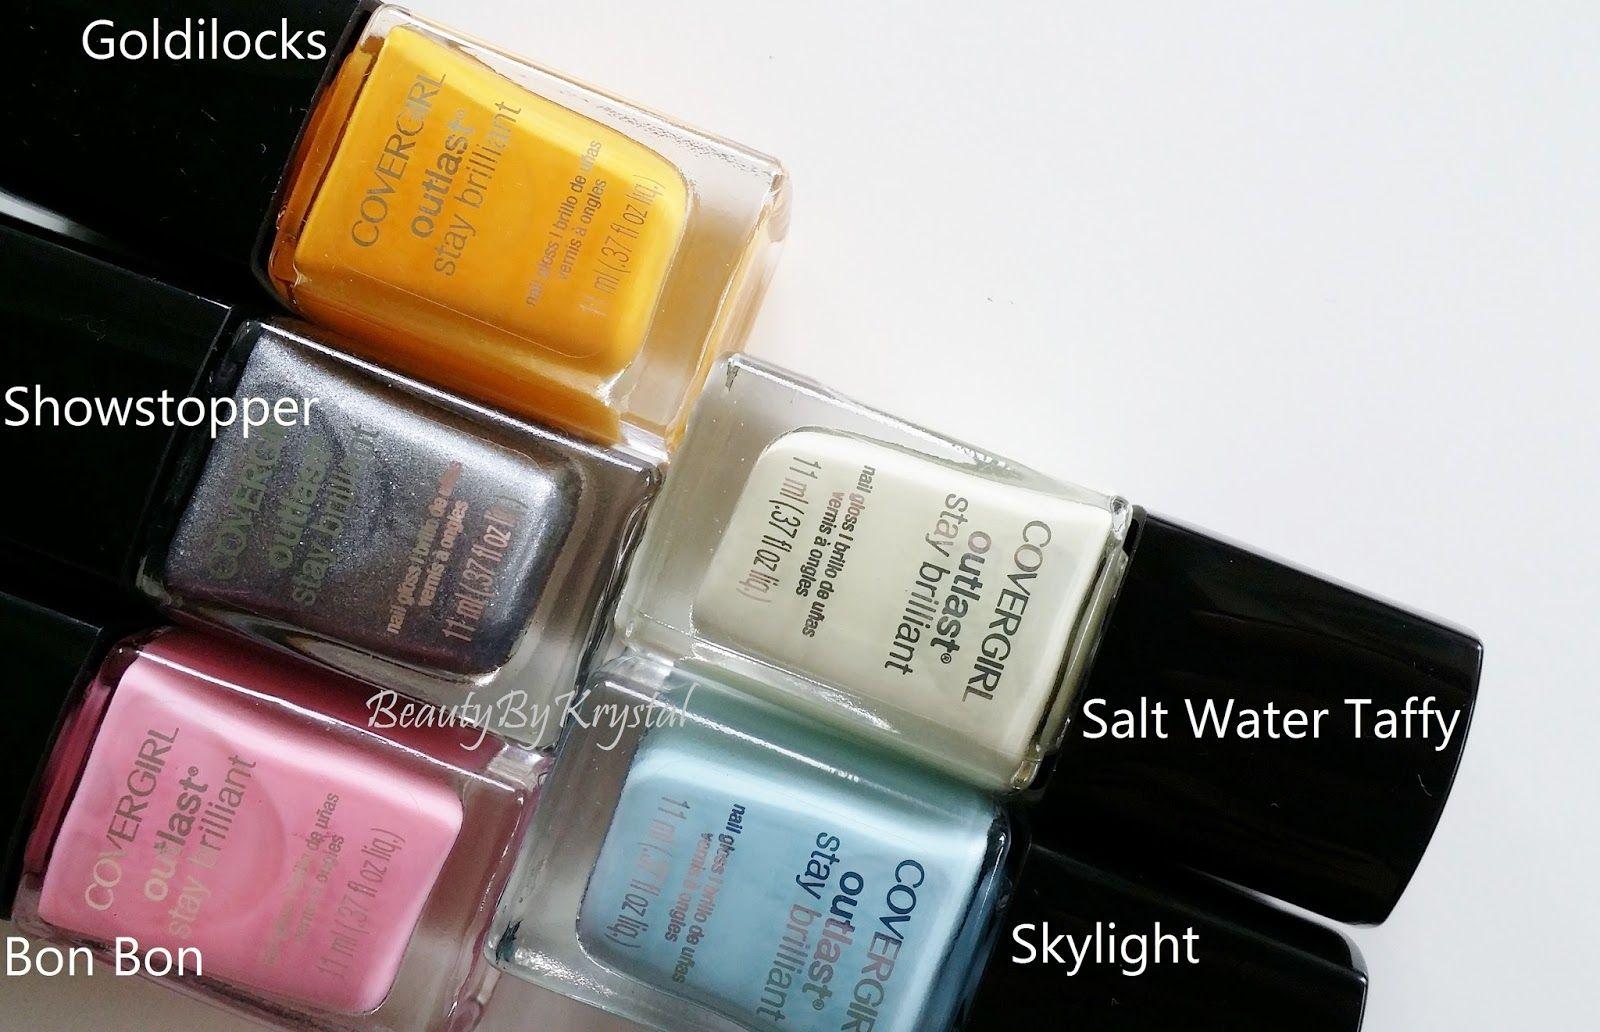 Beauty By Krystal: The Beauty Buffs: Pastels